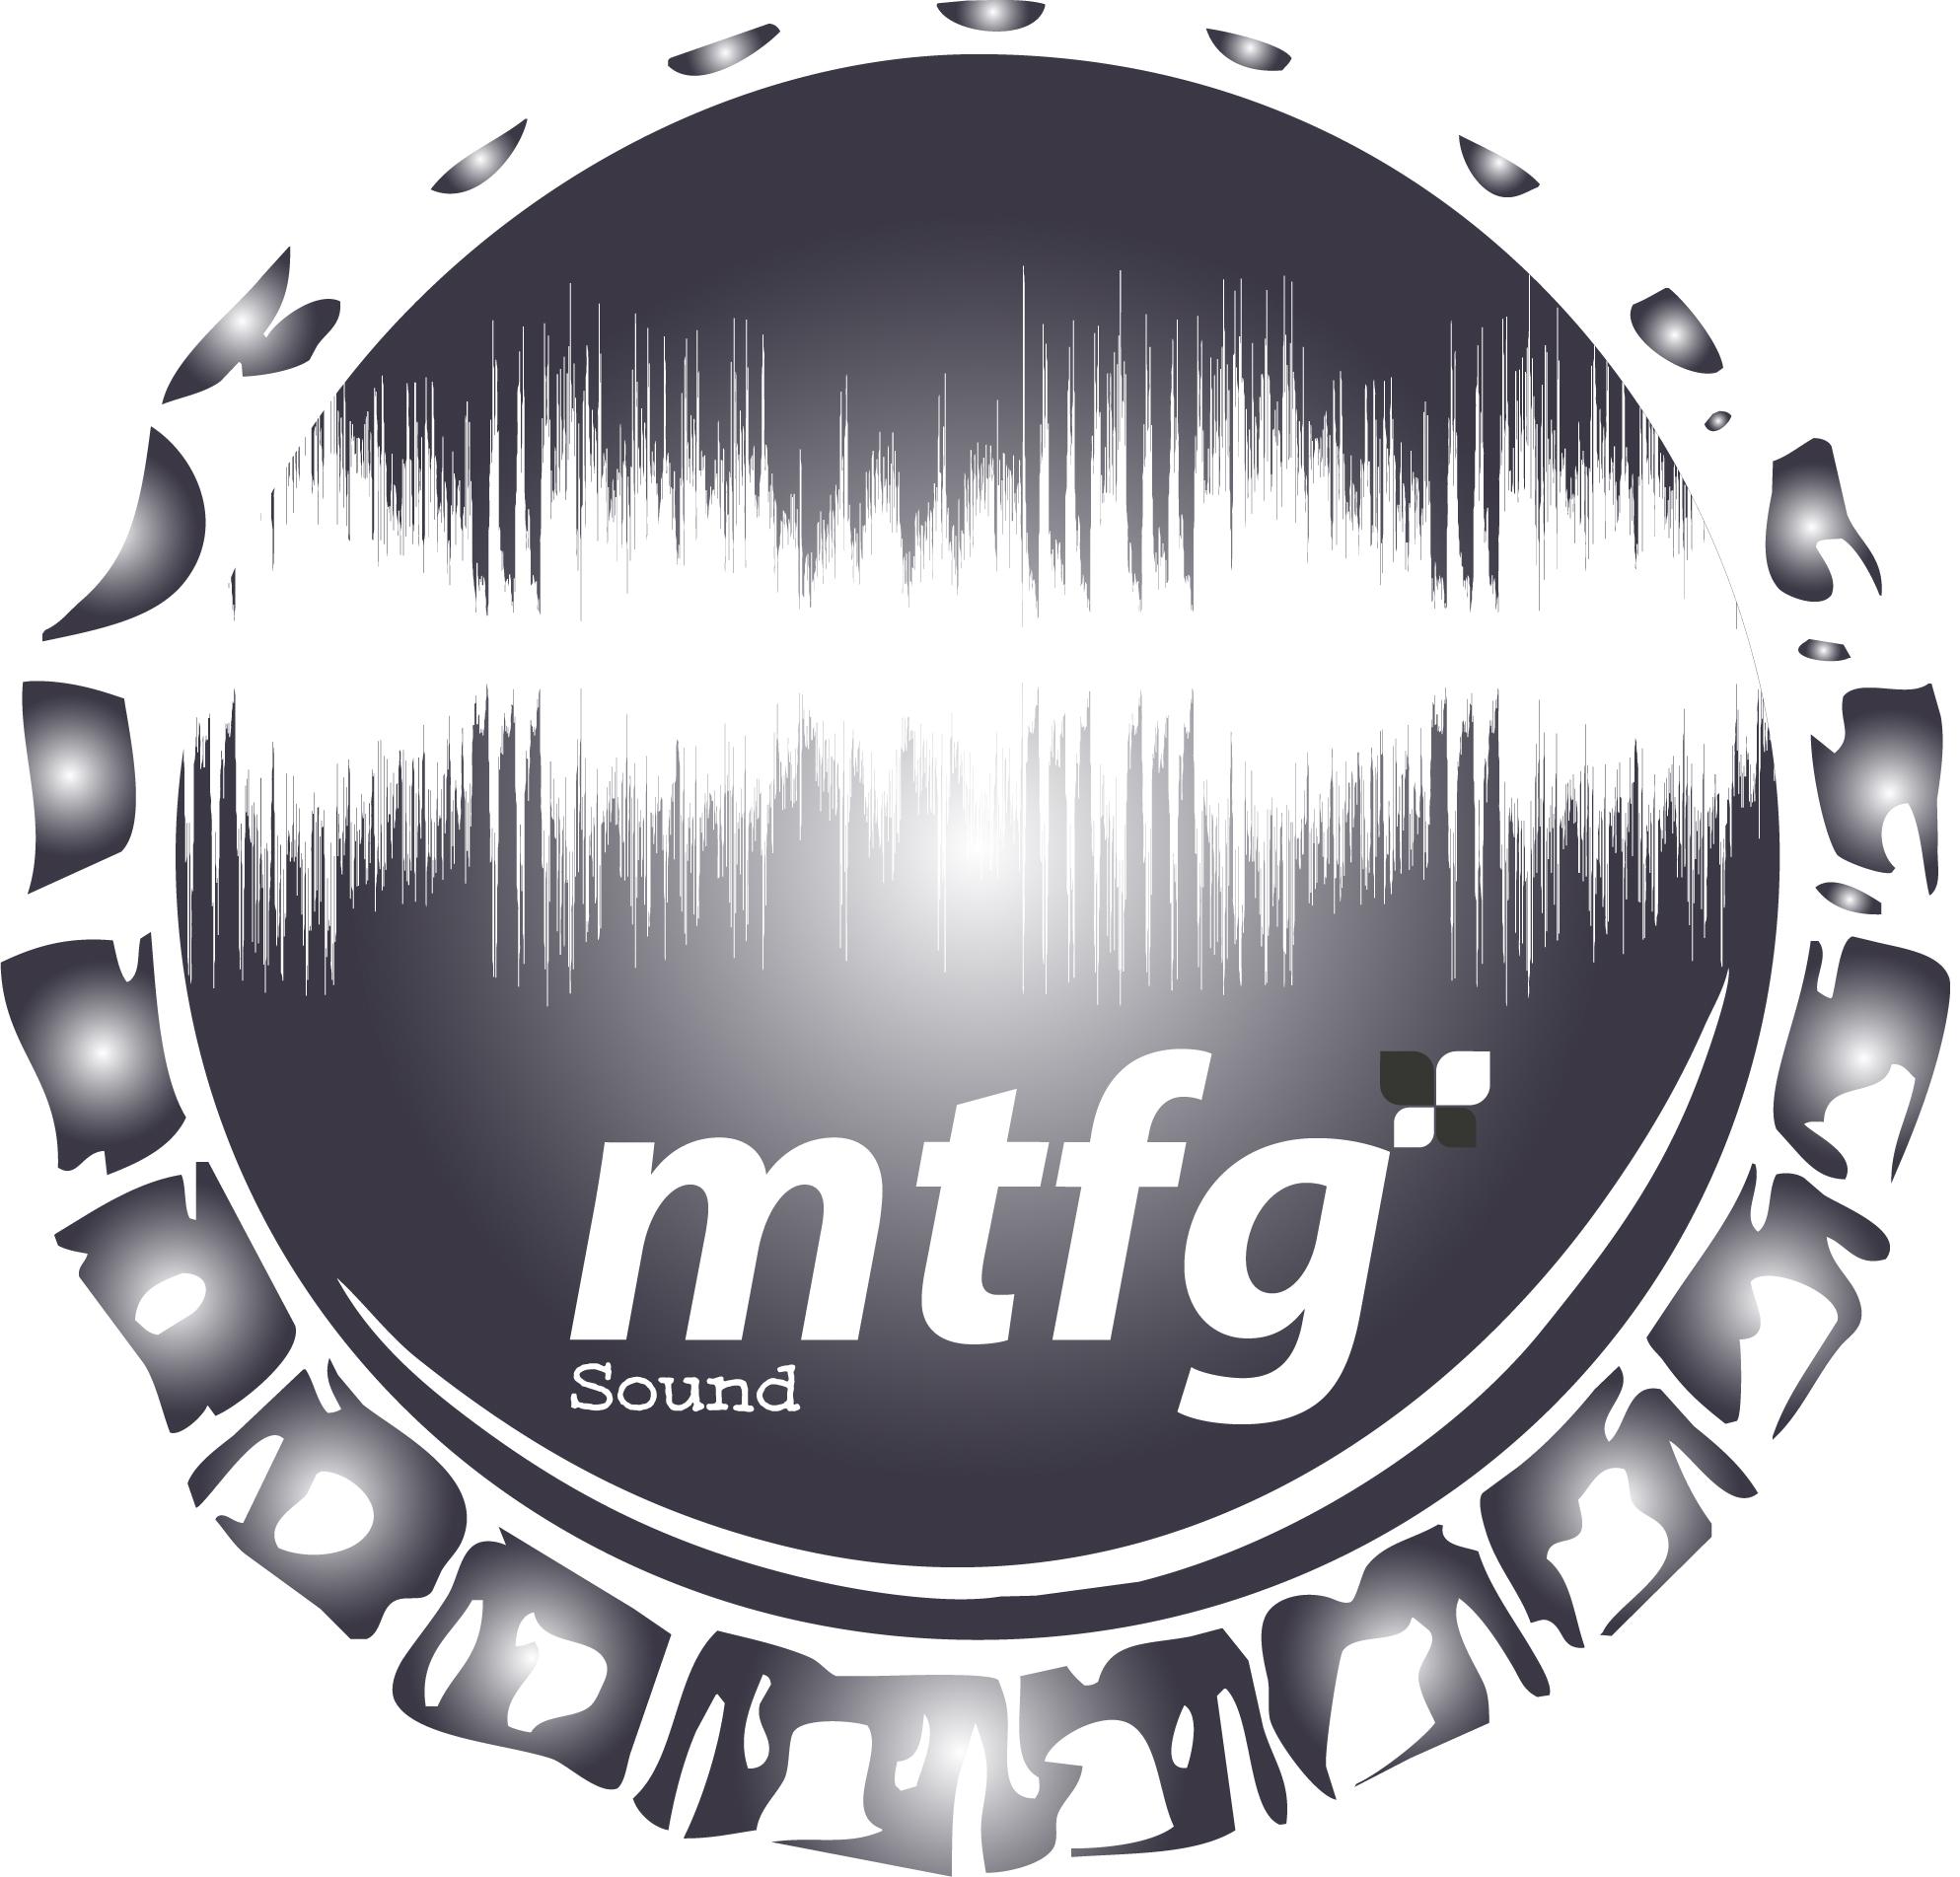 MTFG Sound